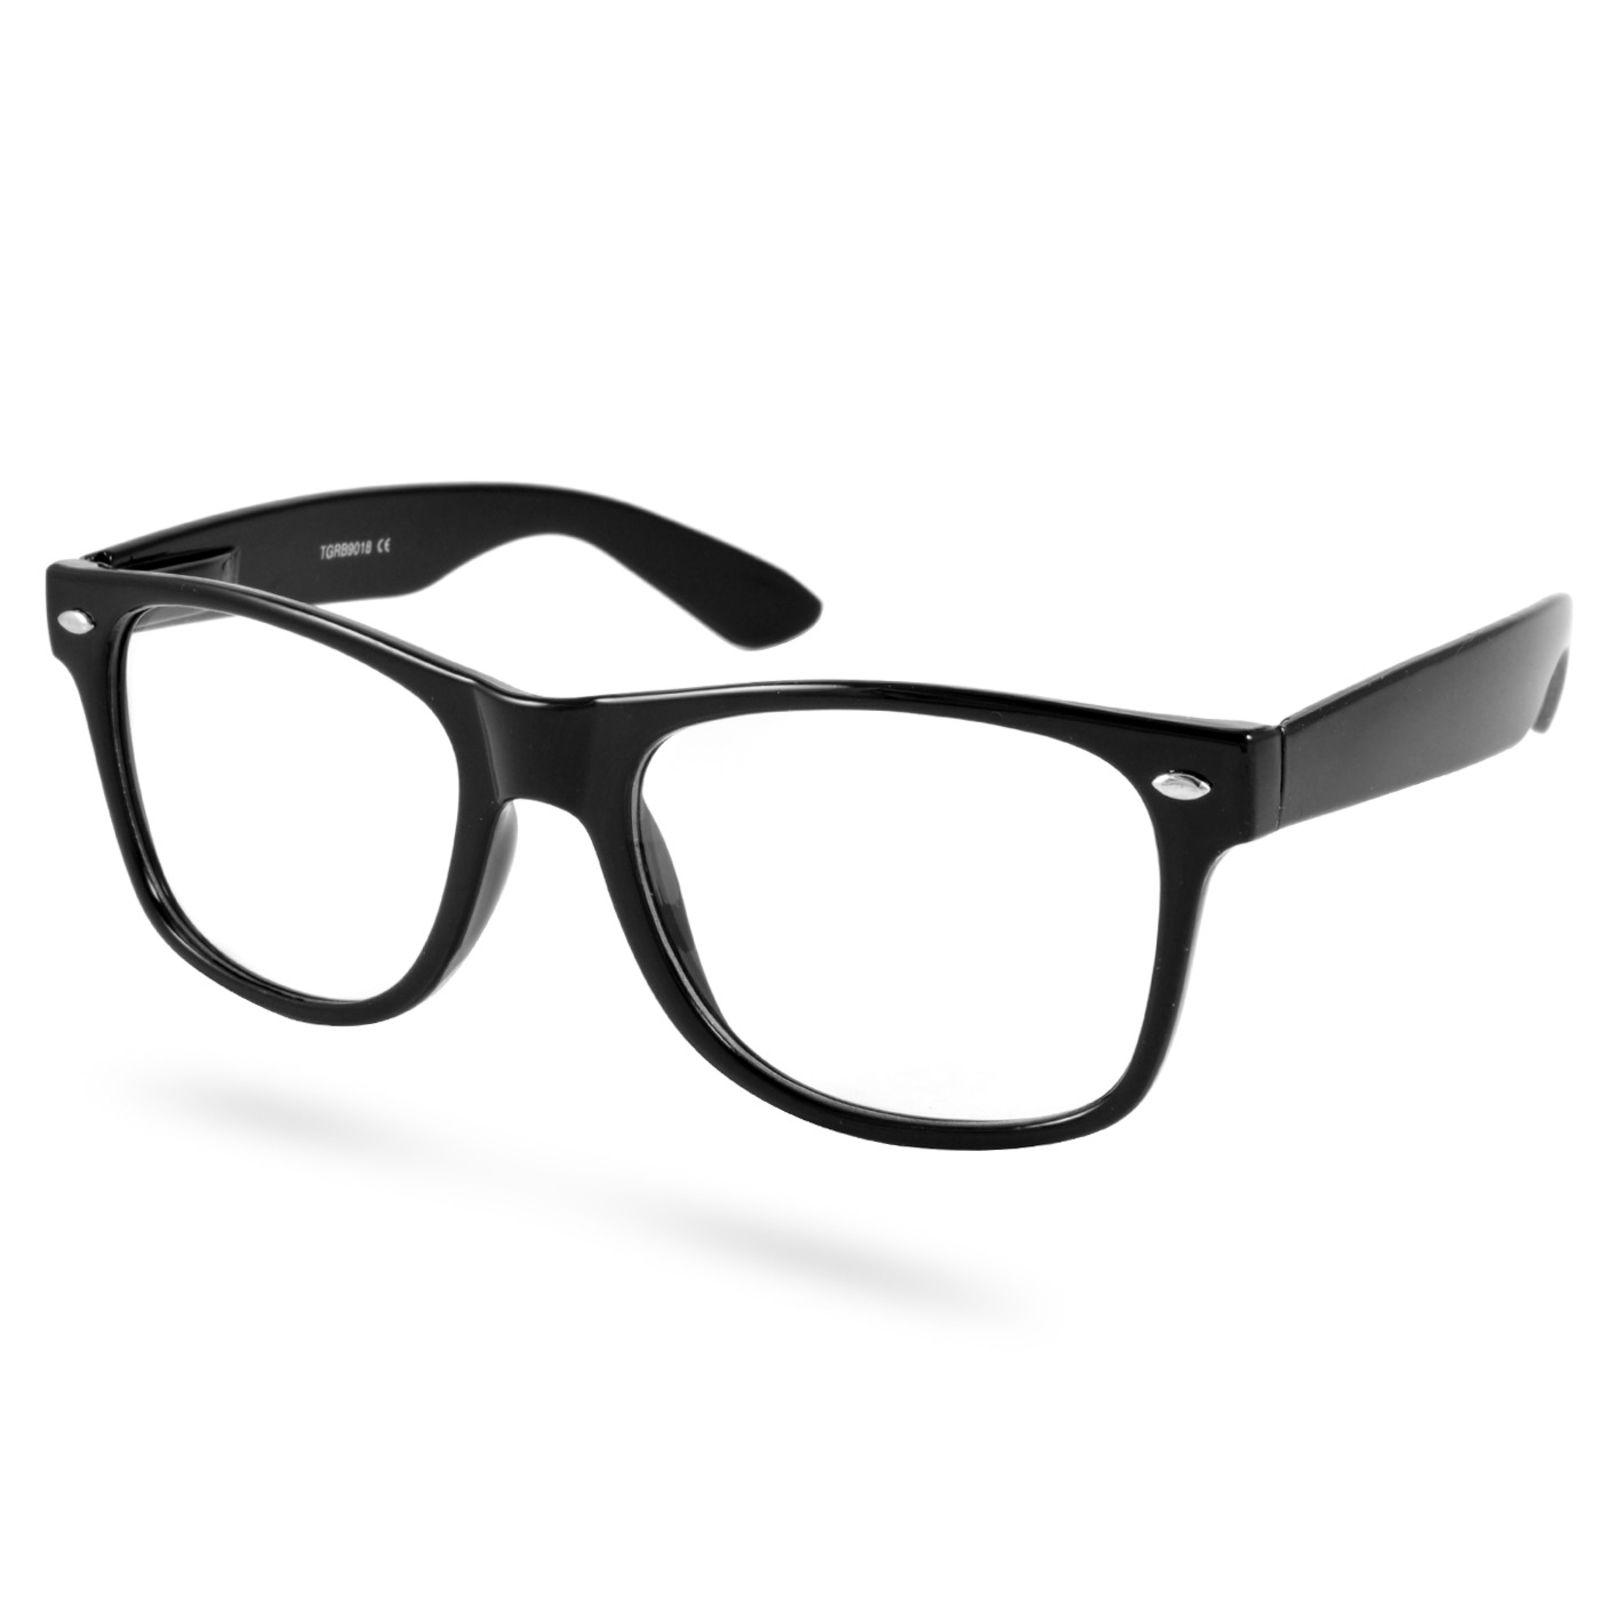 Schwarze Retro Brille Mit Transparenten Brillengläsern | Kostenloser ...